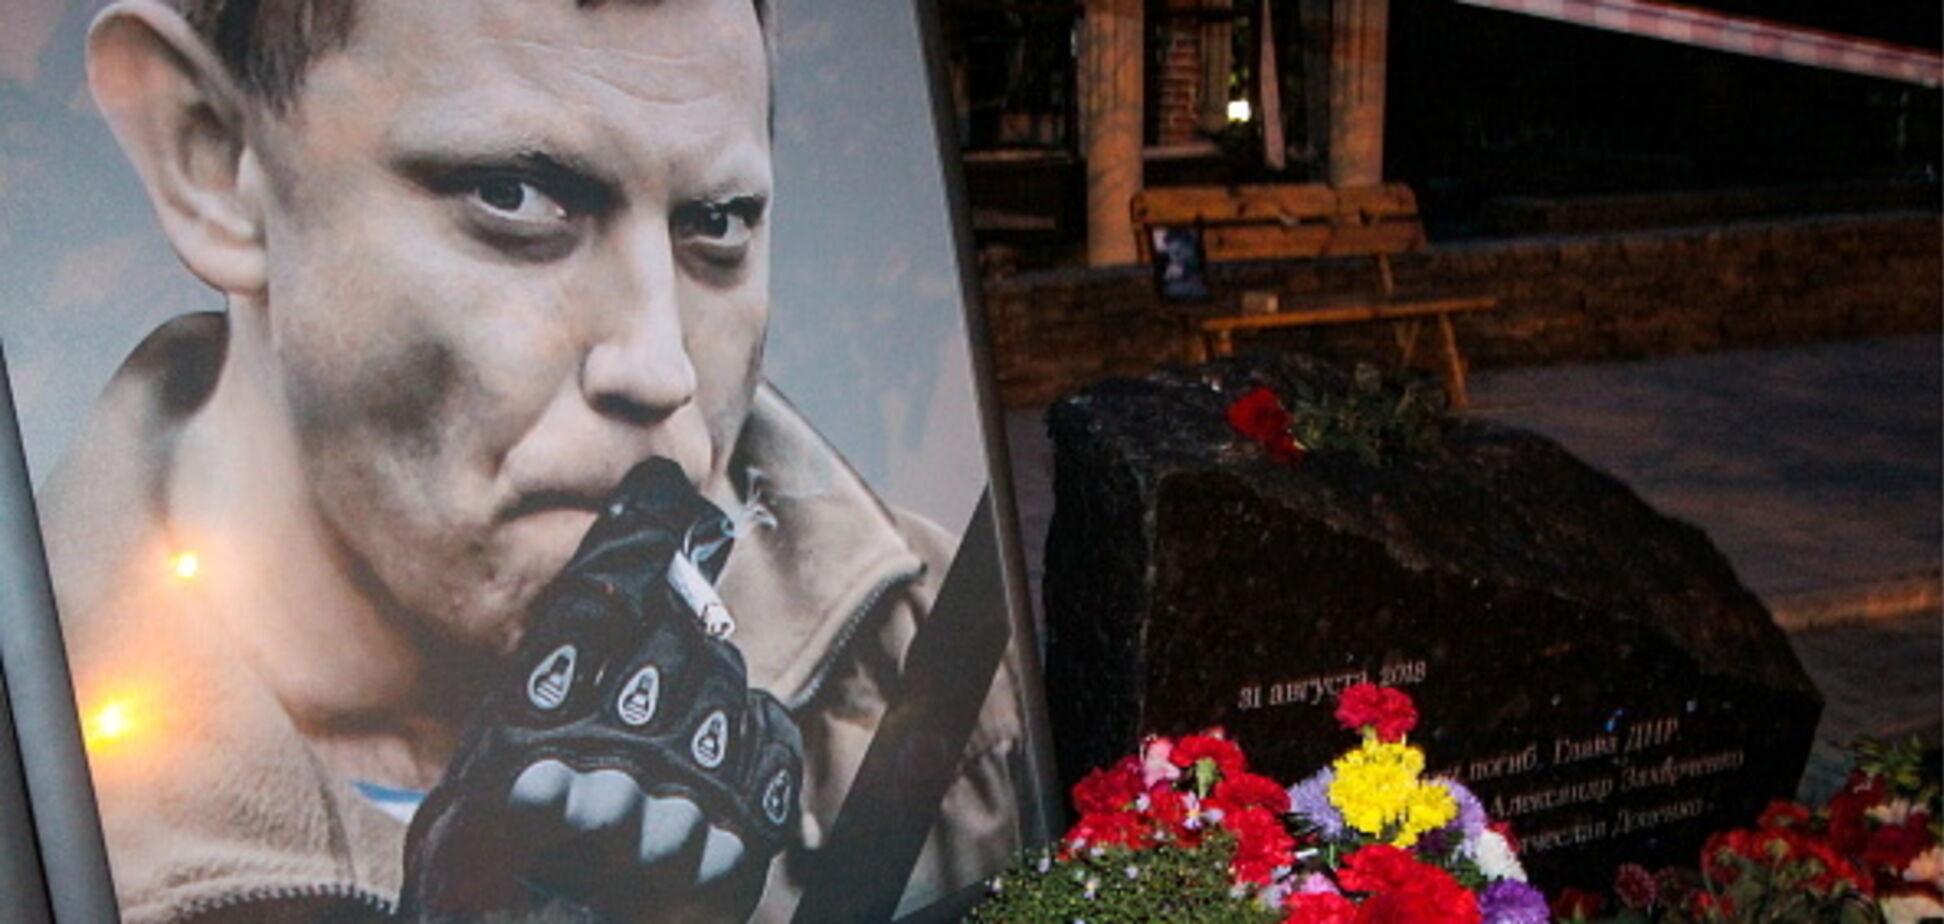 Похоронили как бездомного: в сети показали странную могилу Захарченко